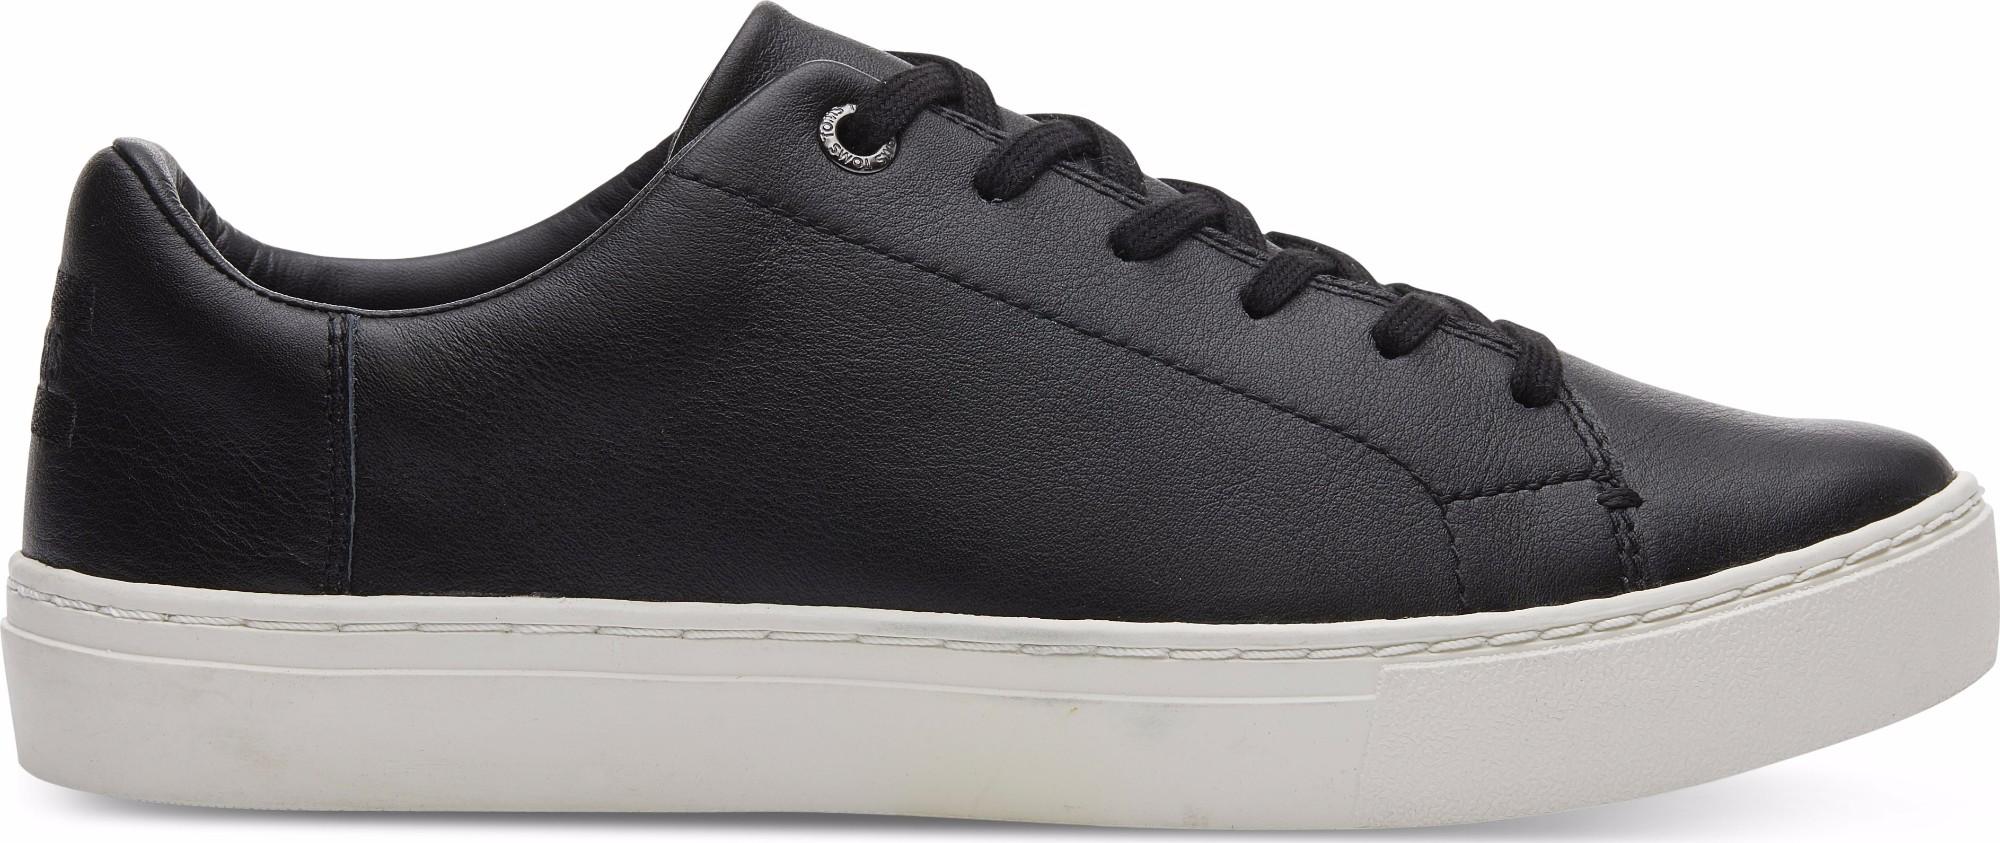 TOMS Leather Women's Lenox Sneaker Black 38